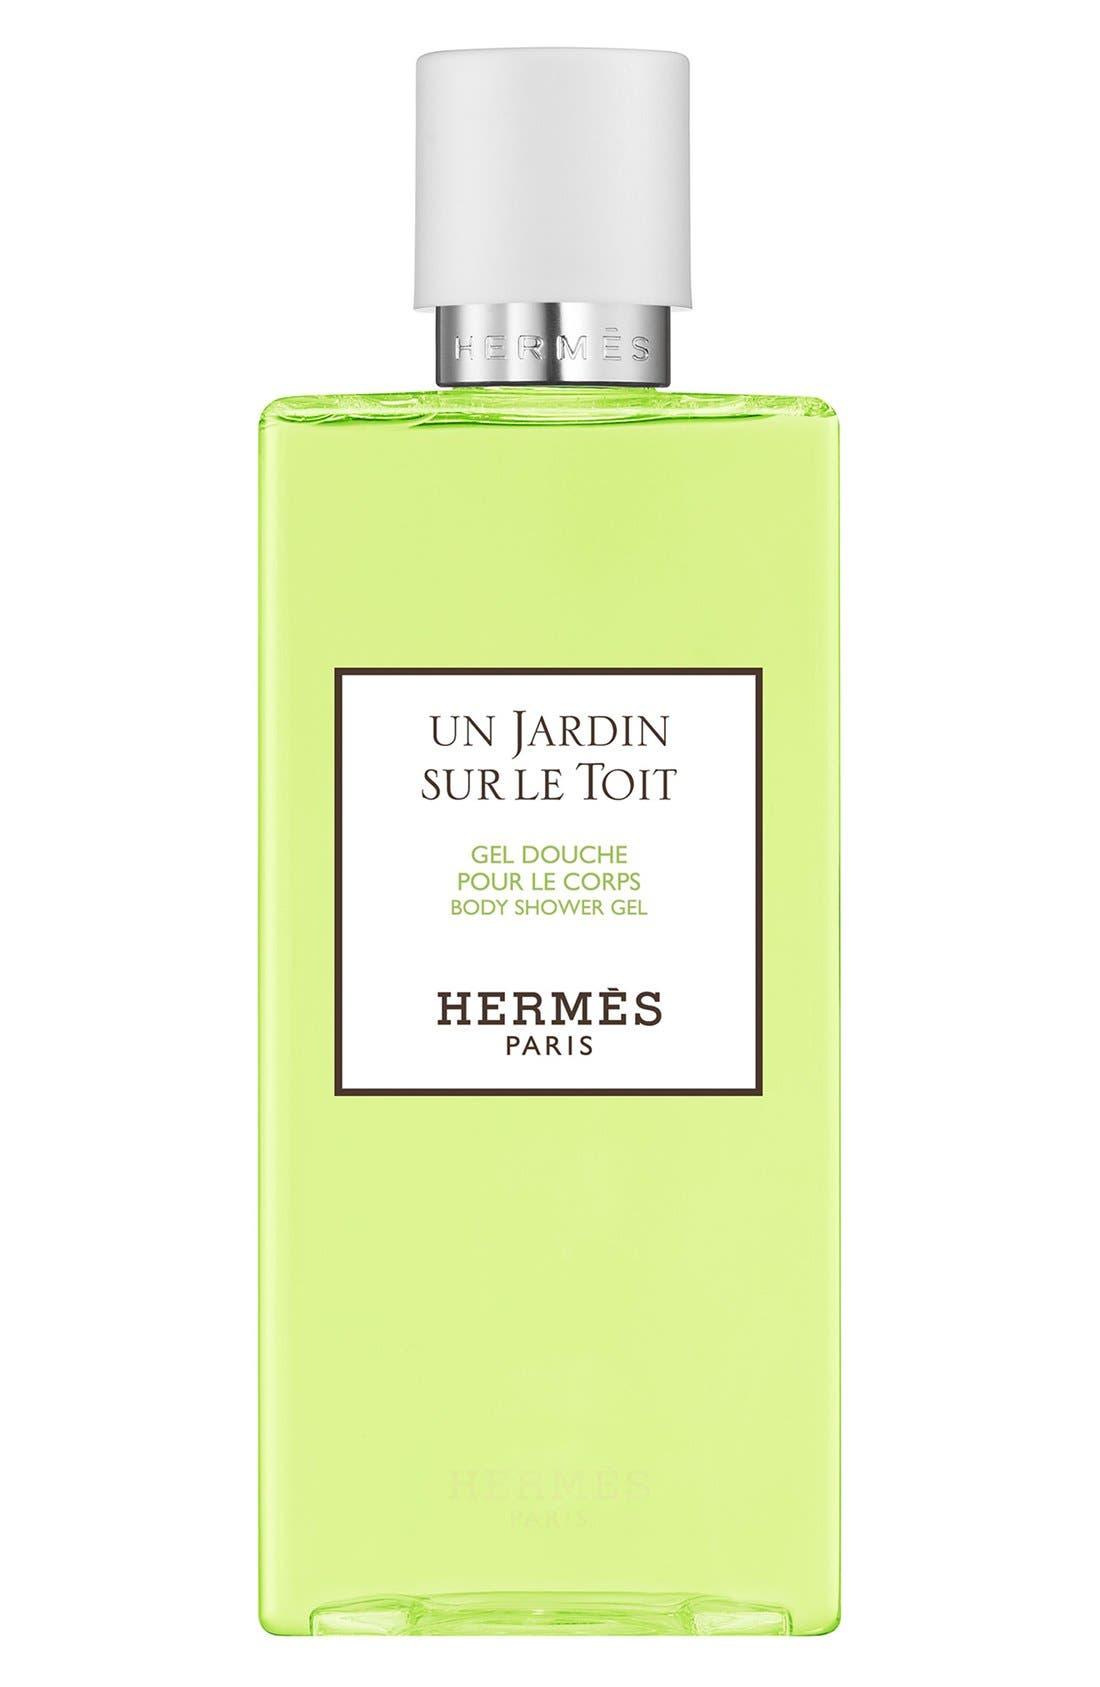 Hermès Le Jardin sur le Toit - Body shower gel